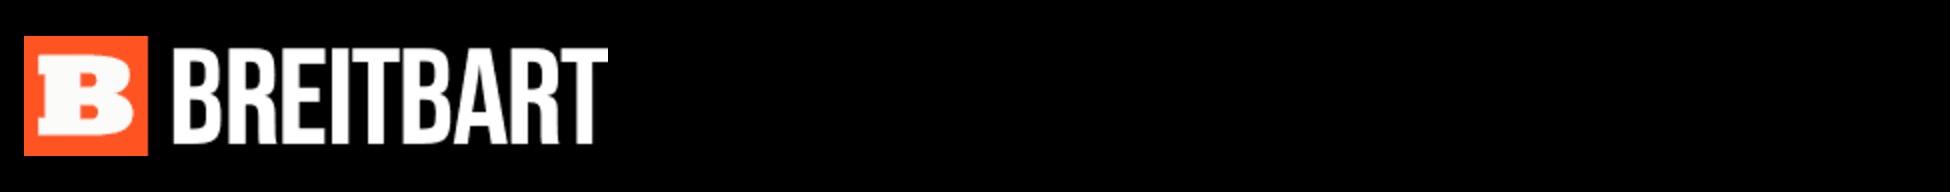 Screen Shot 2017-04-03 at 18.32.21